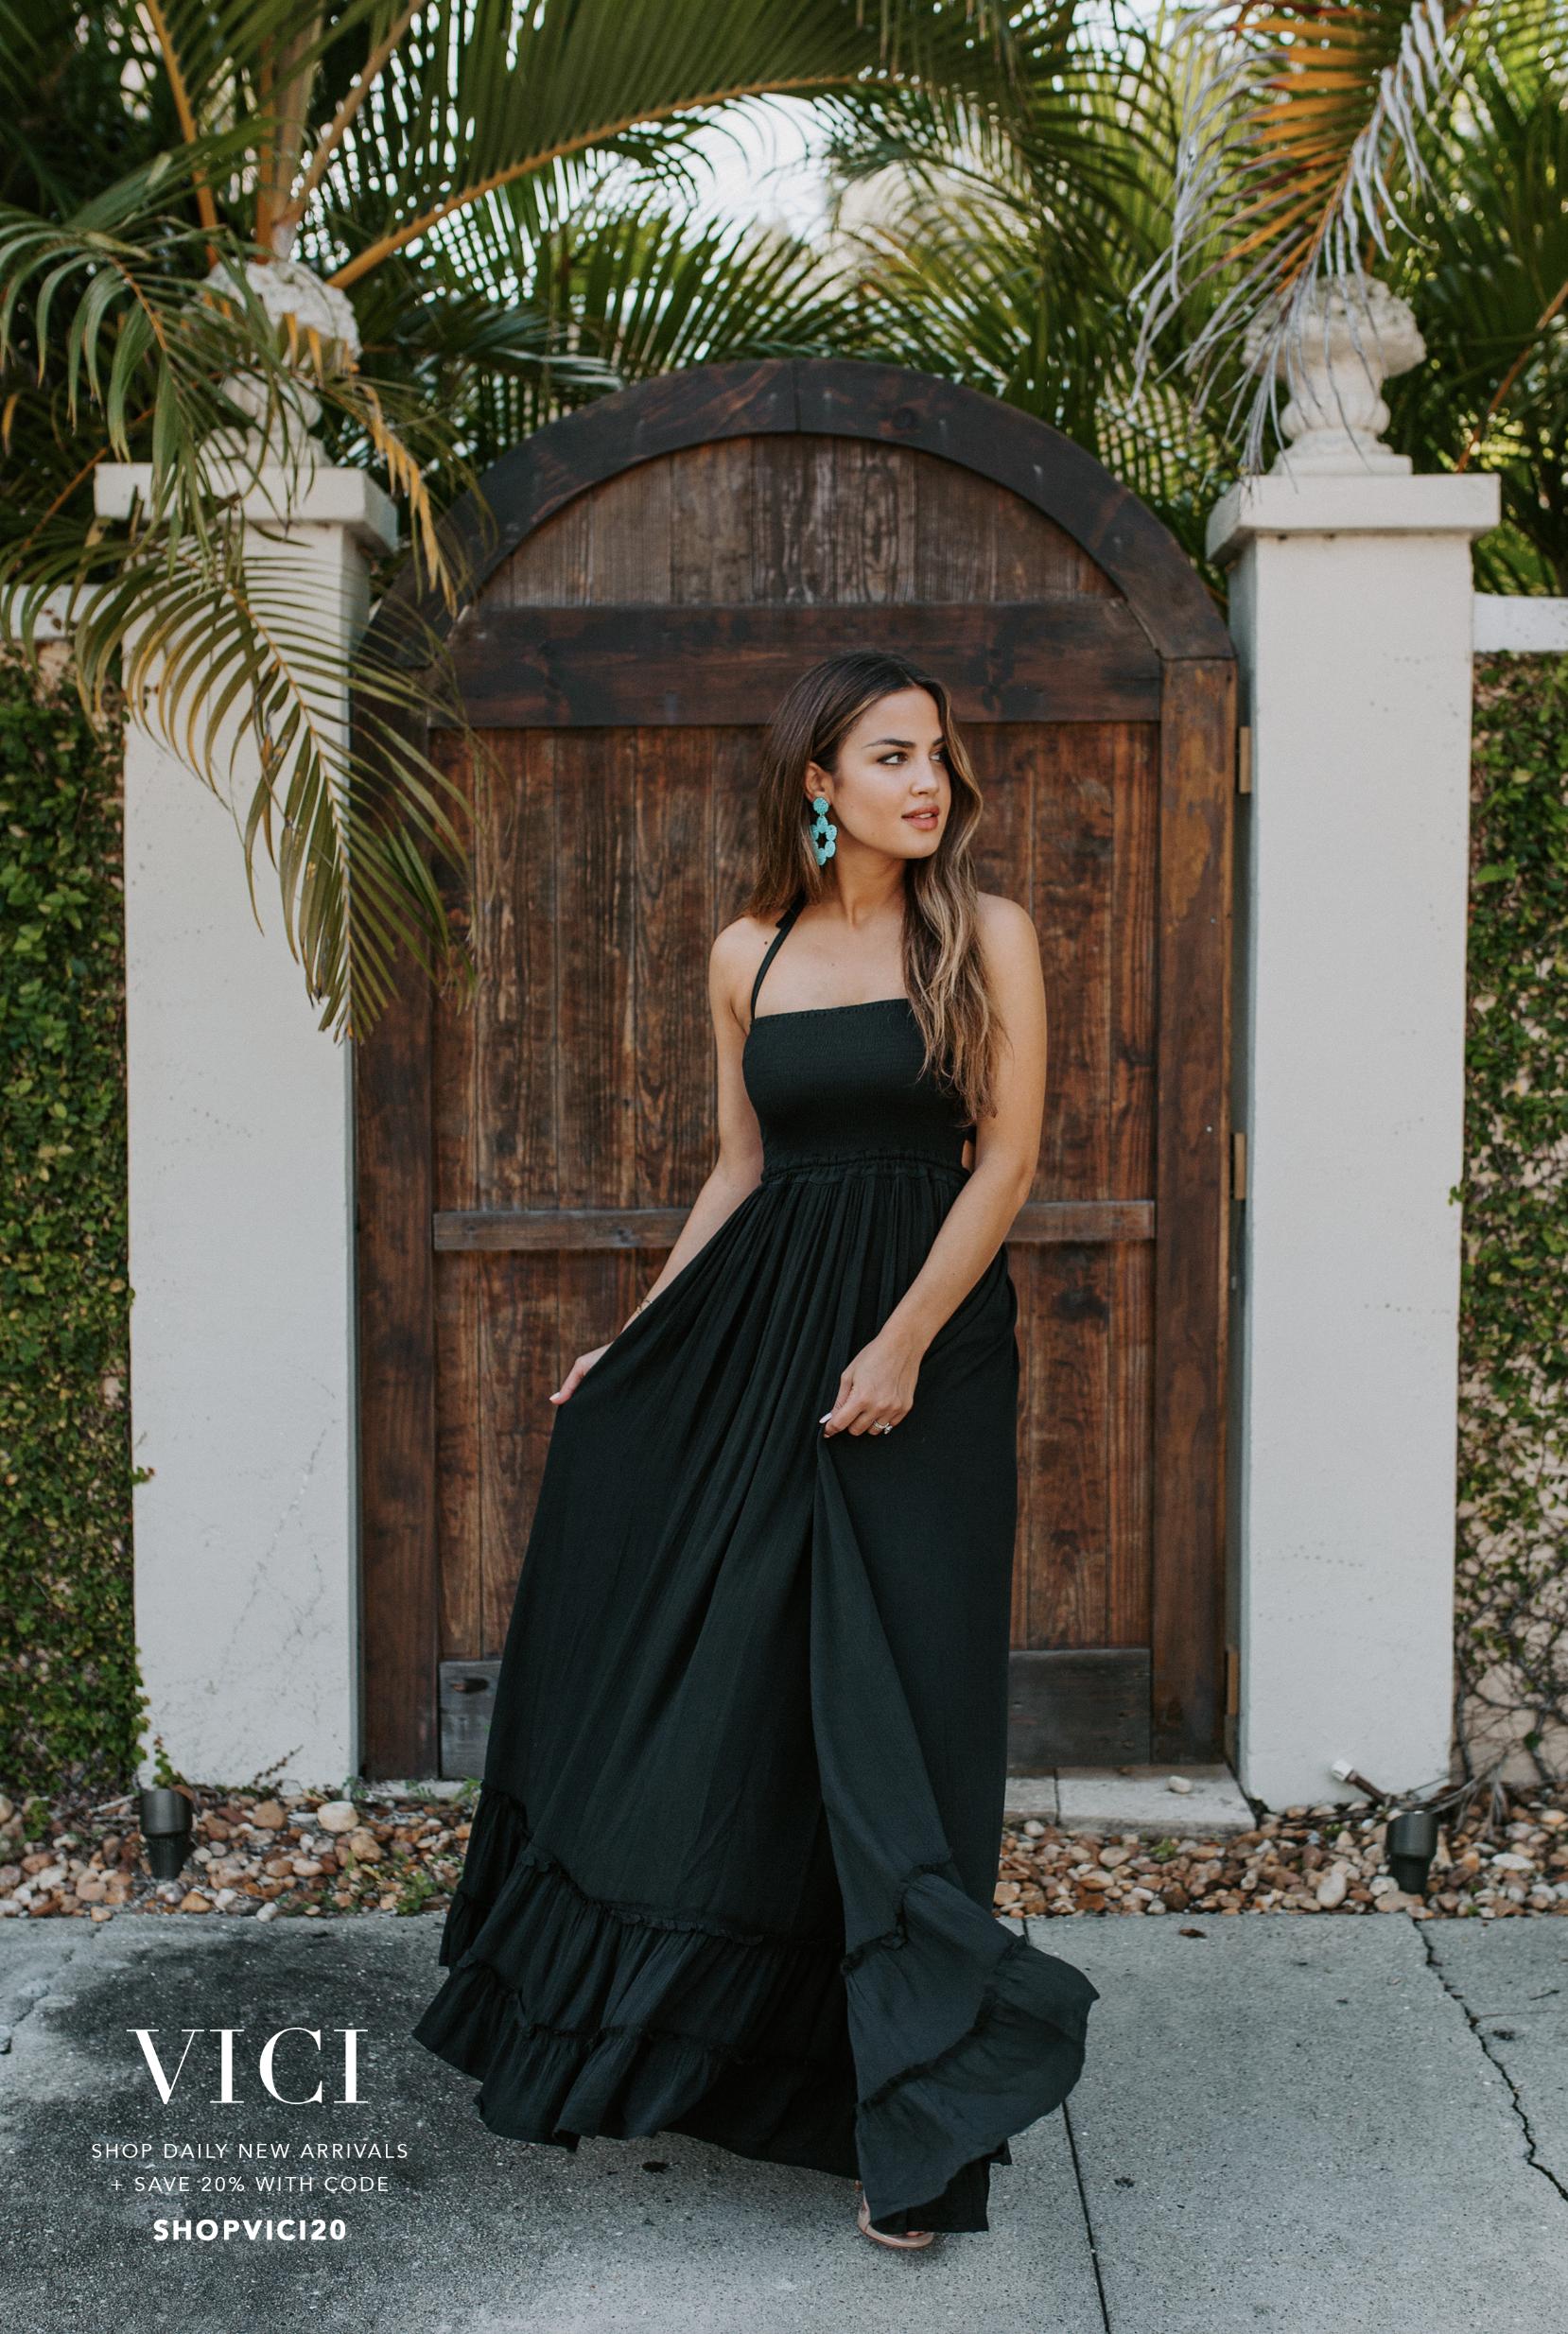 Vici Evannelucas Black Maxi Dress Halter Maxi Dresses Maxi Dress [ 2468 x 1658 Pixel ]